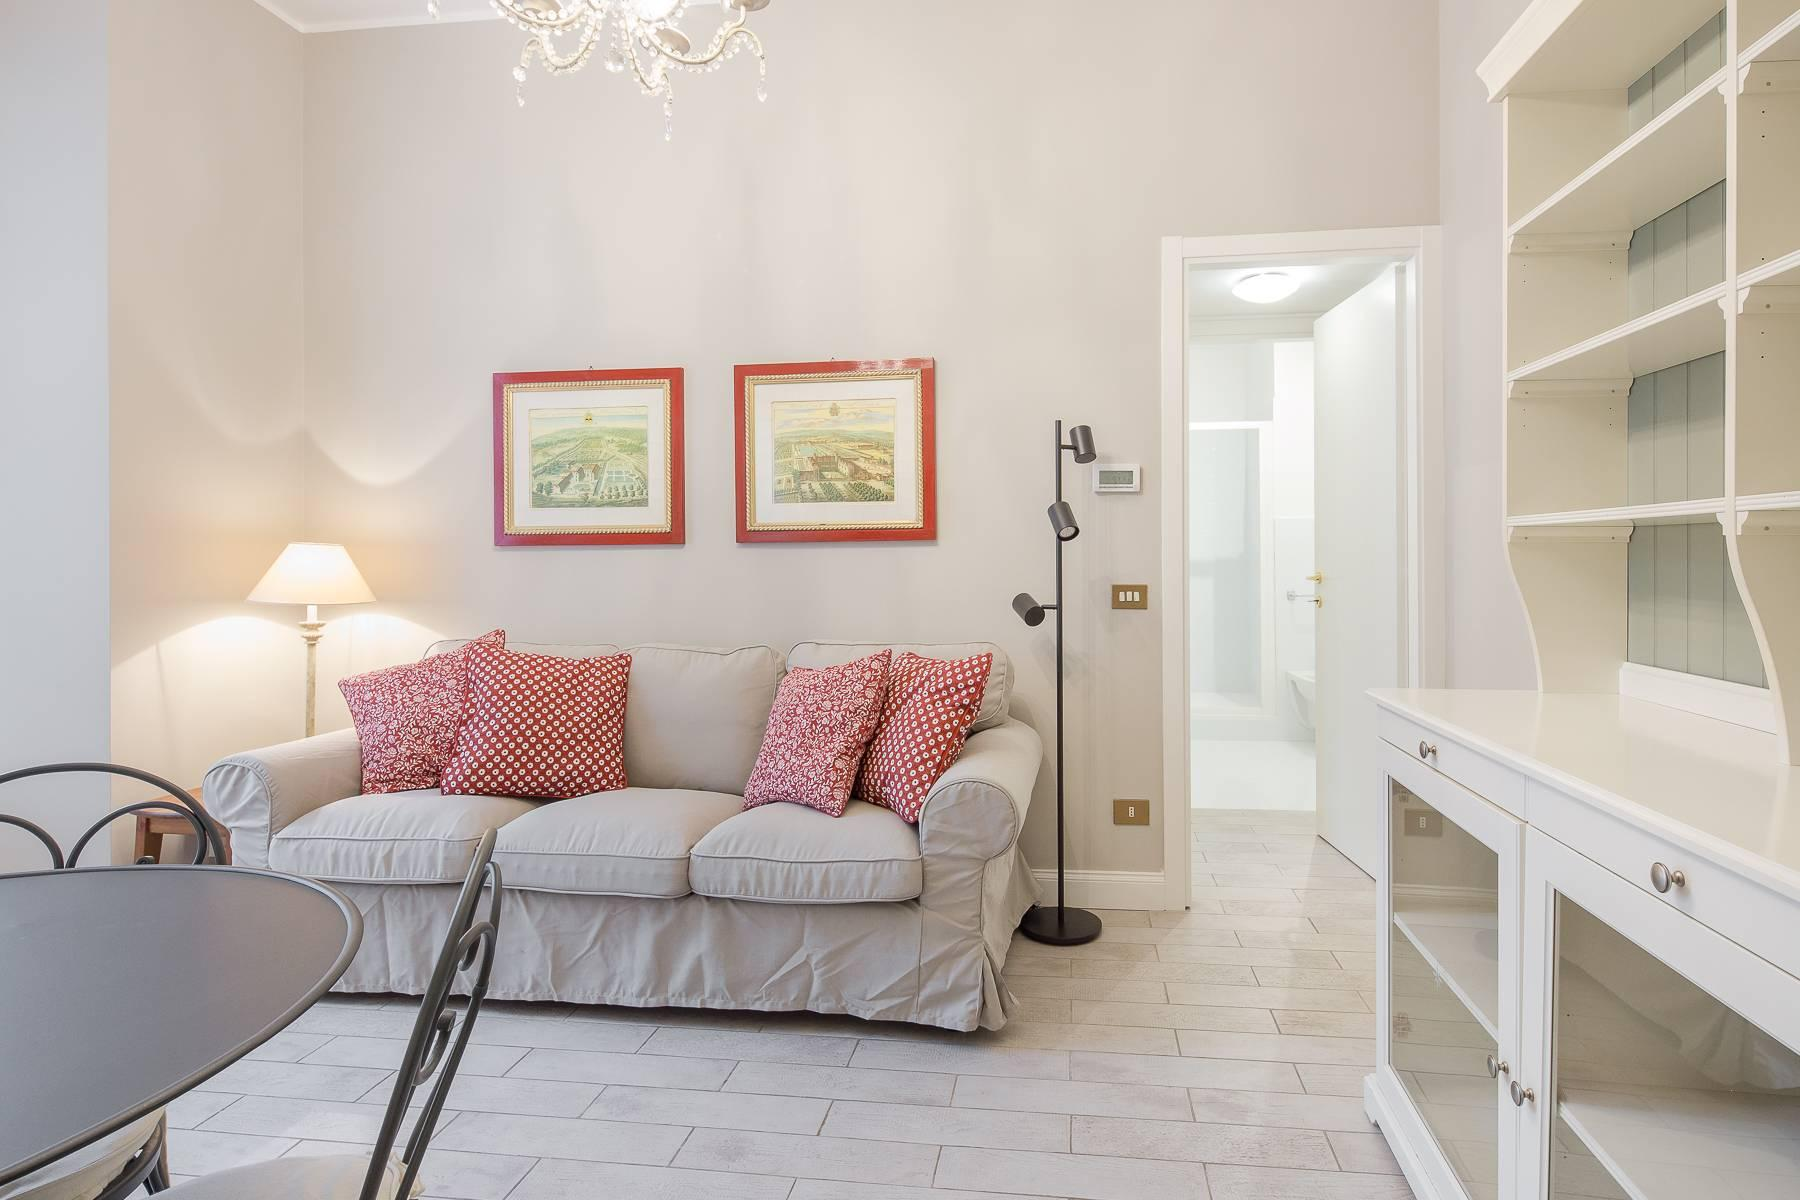 Bilocale di charme arredato in affitto in Brera - 14